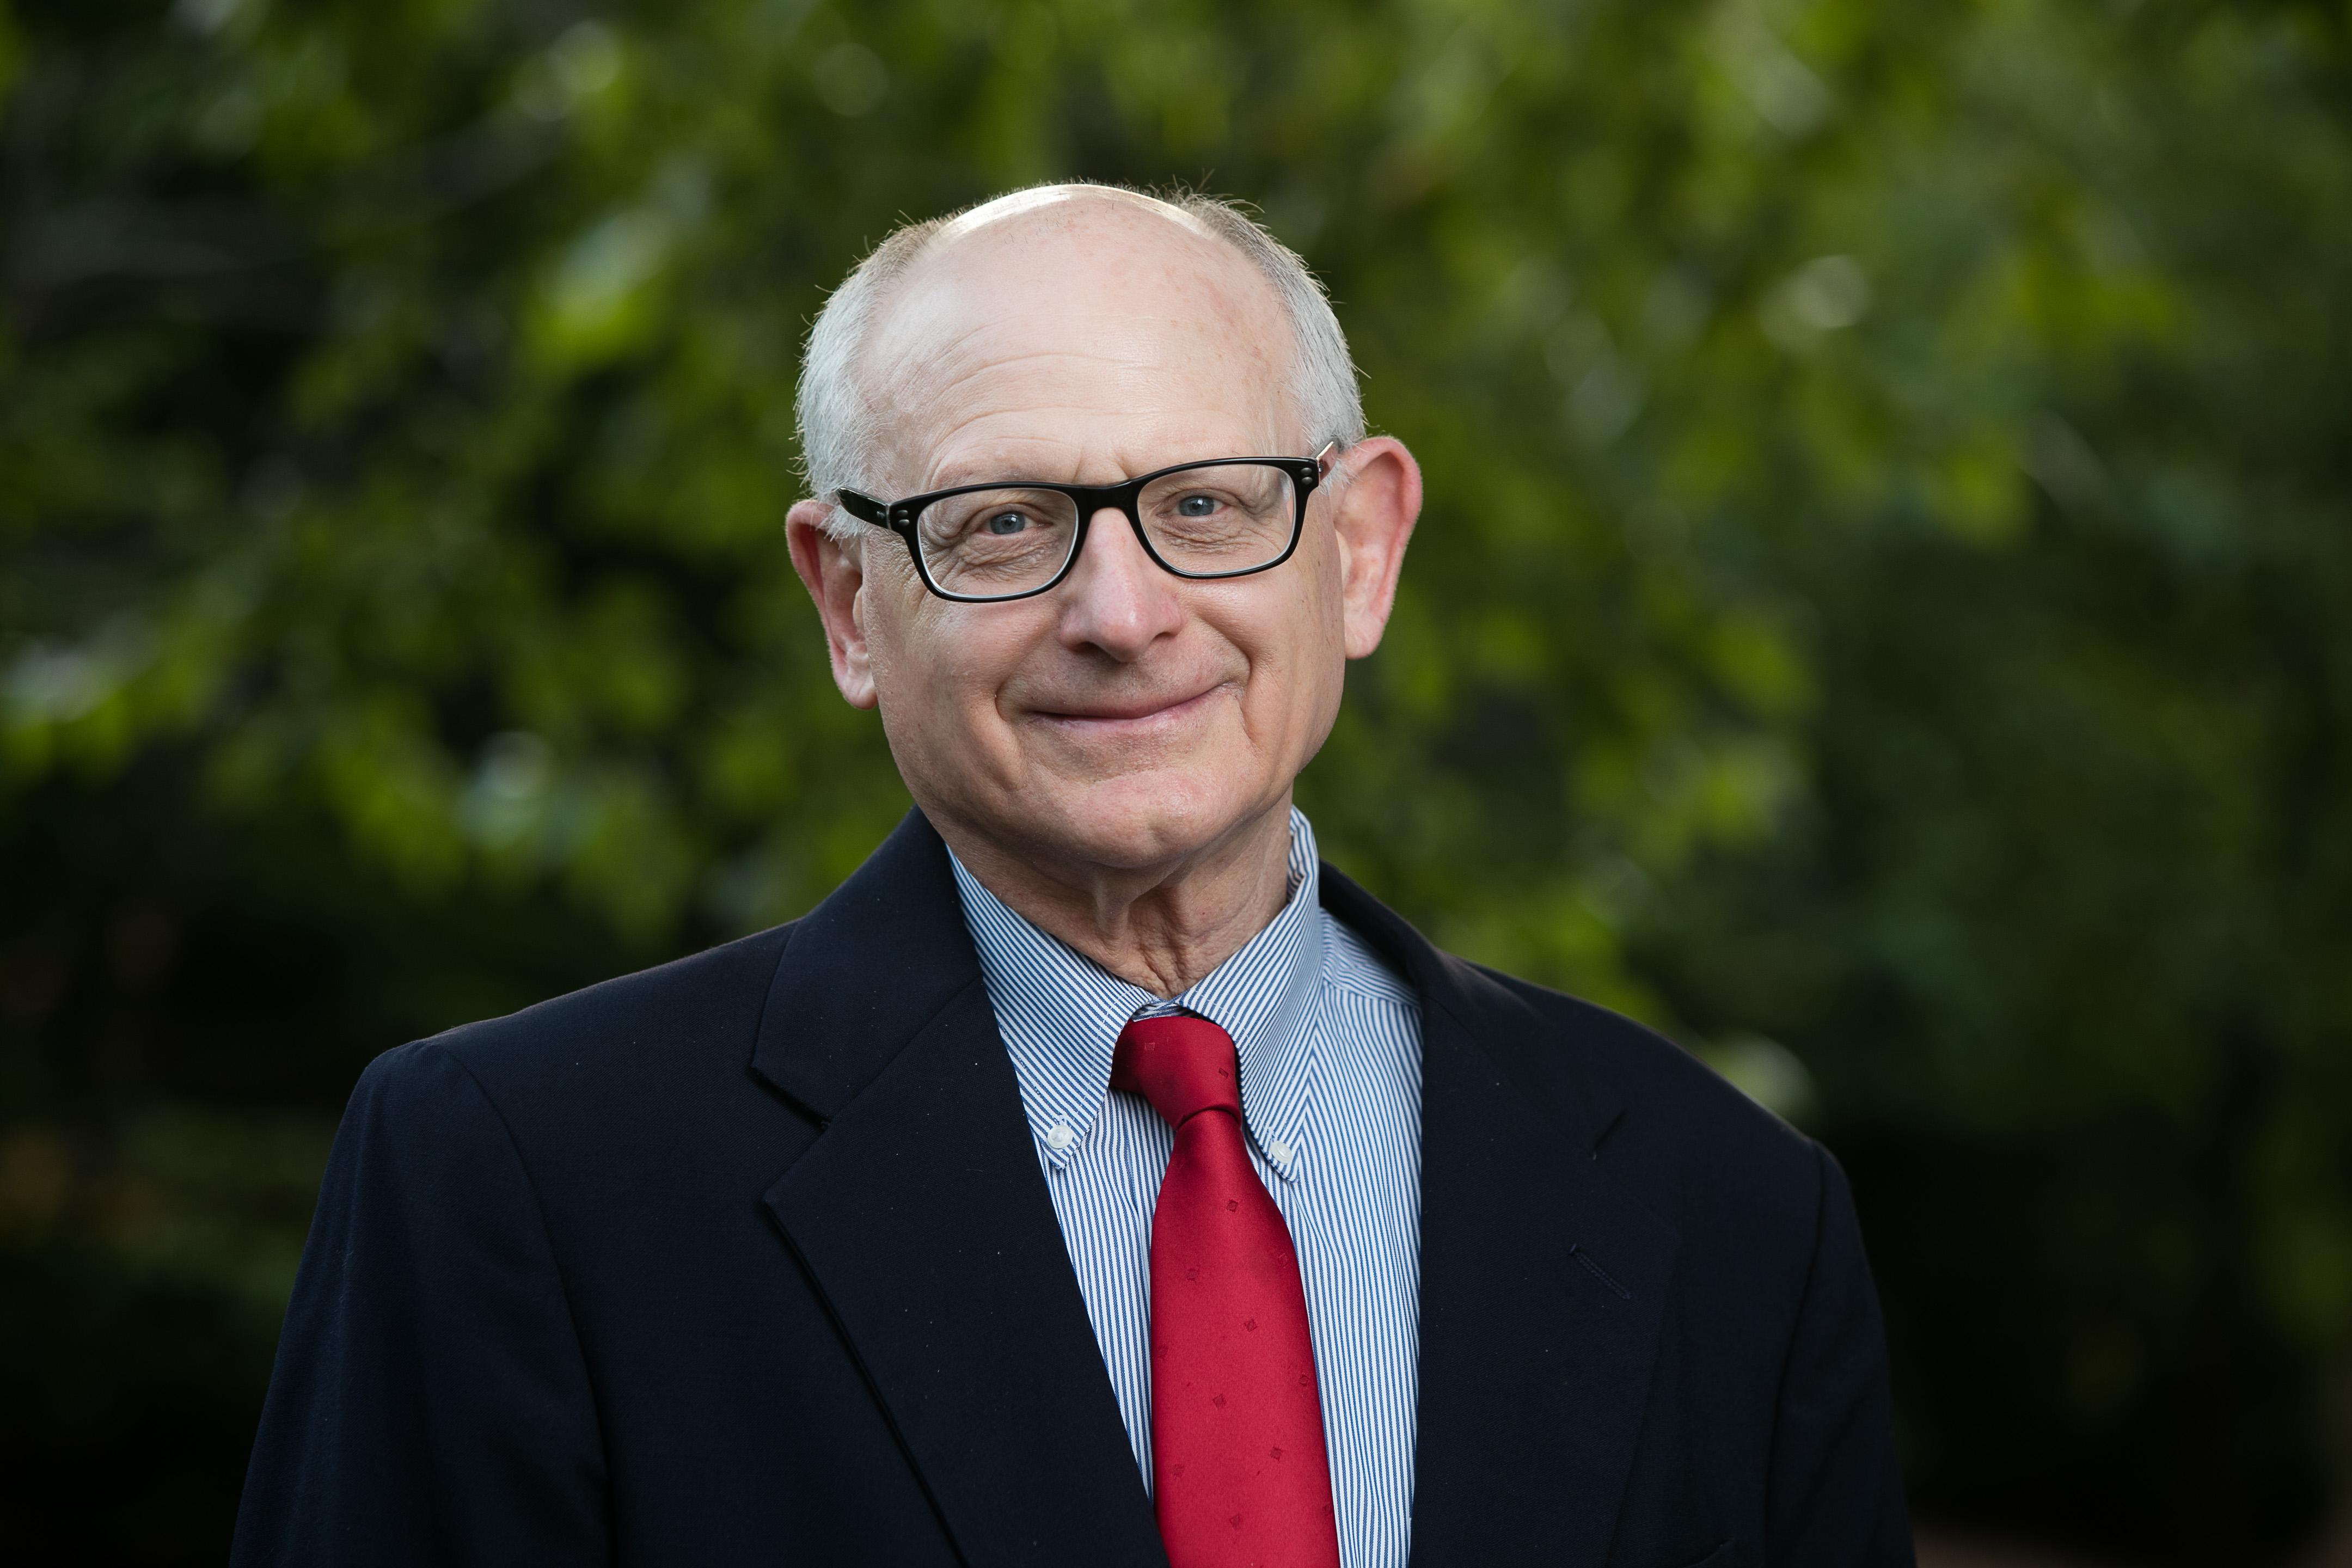 Dr. Richard C. Tuchman, DPM, FACFAS